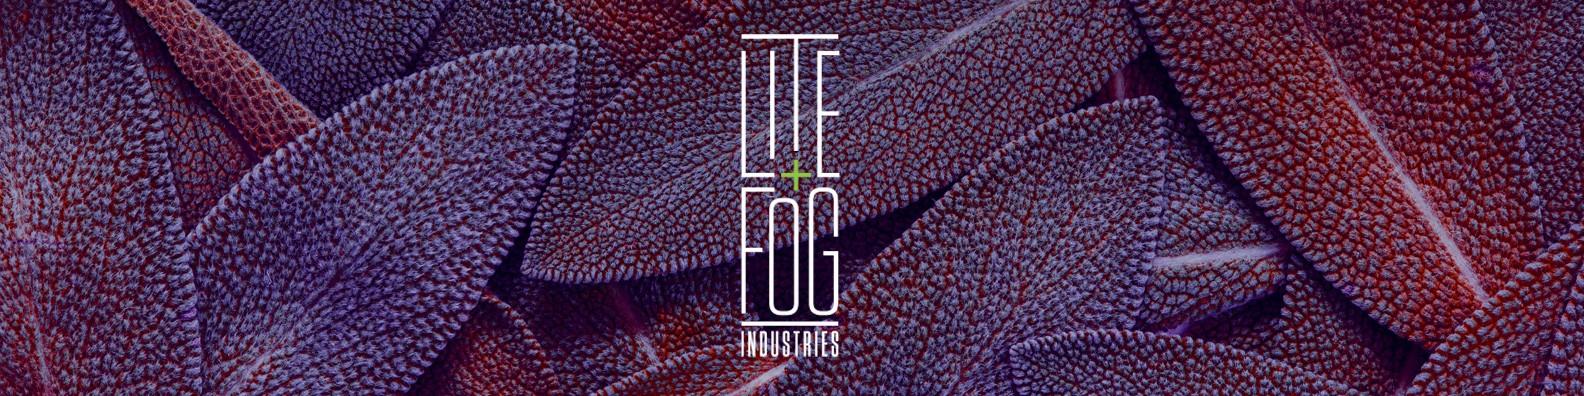 Lite+Fog